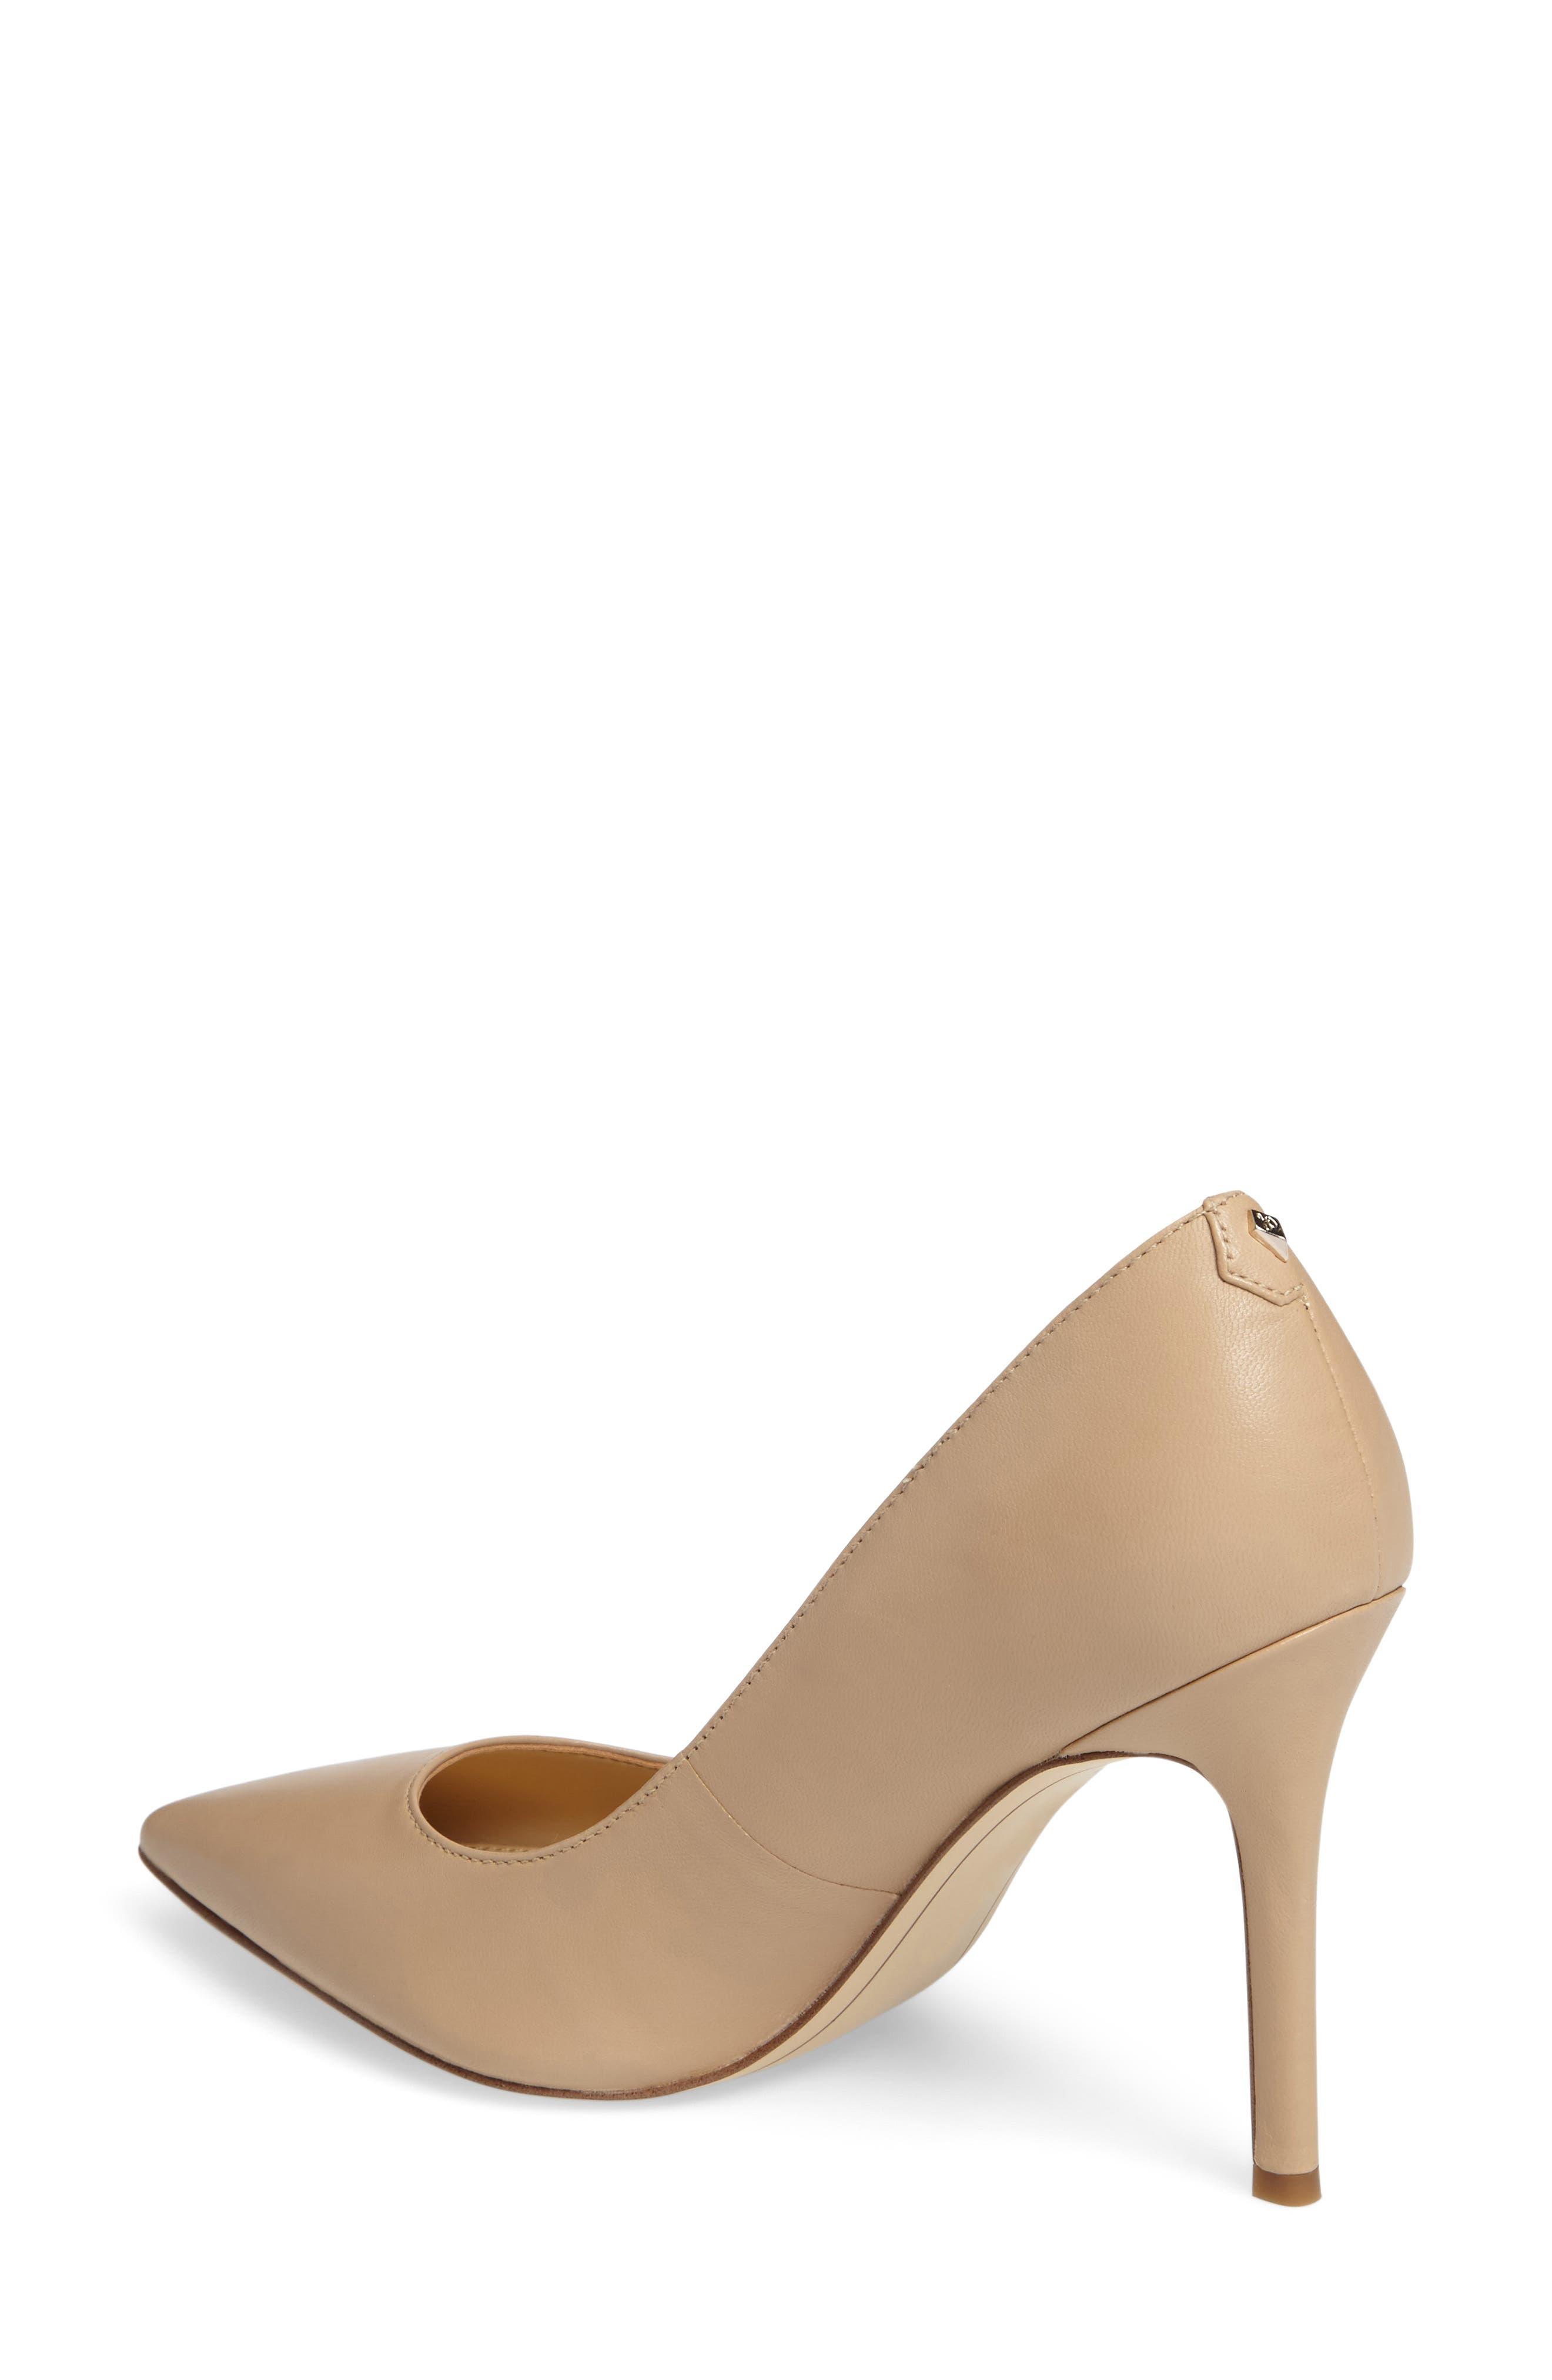 0865078d558 Women's Nude Heels | Nordstrom